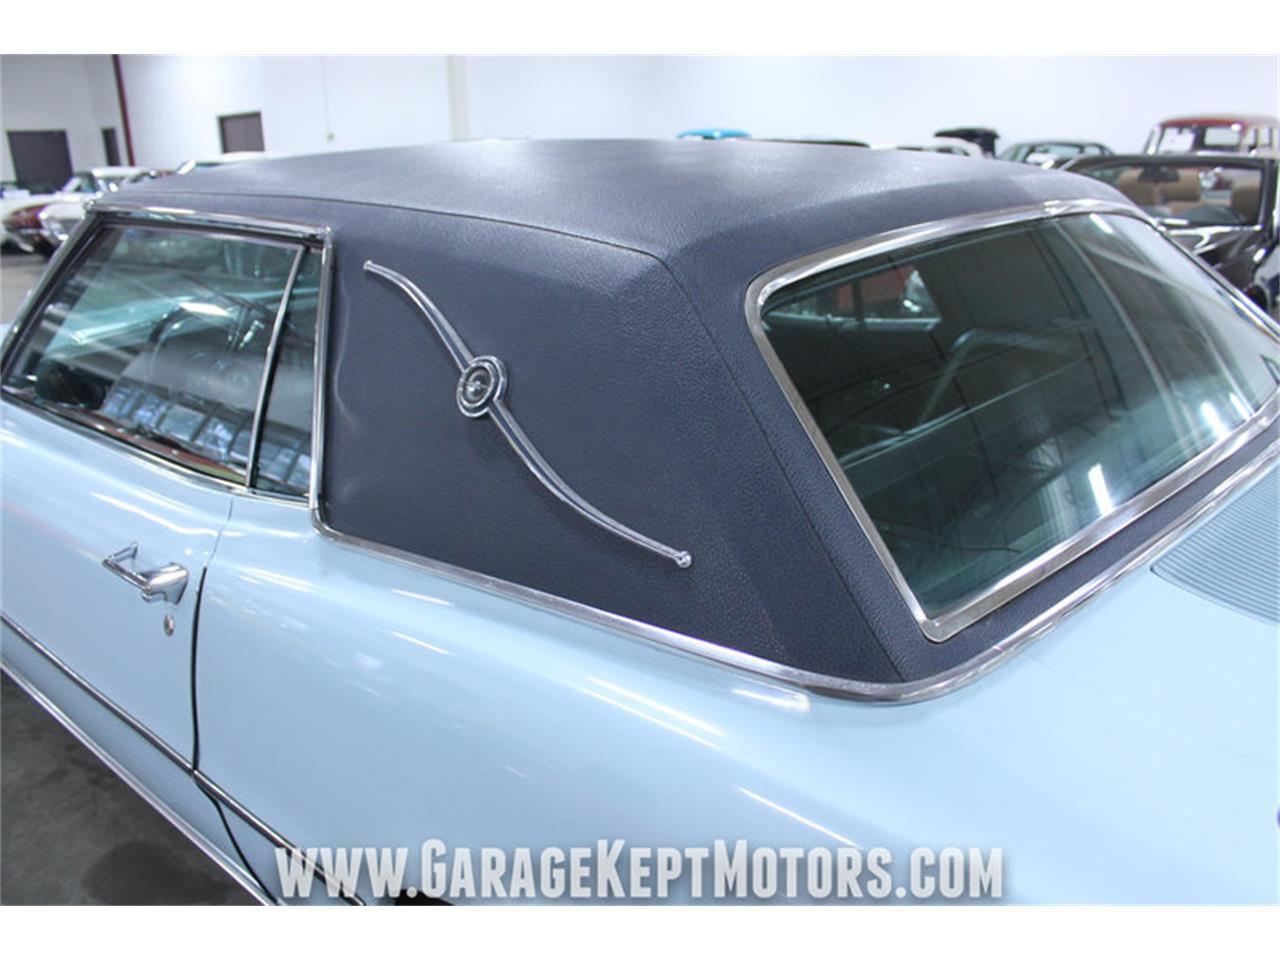 Large Picture of 1967 Thunderbird 2-Door Landau Offered by Garage Kept Motors - LU7P